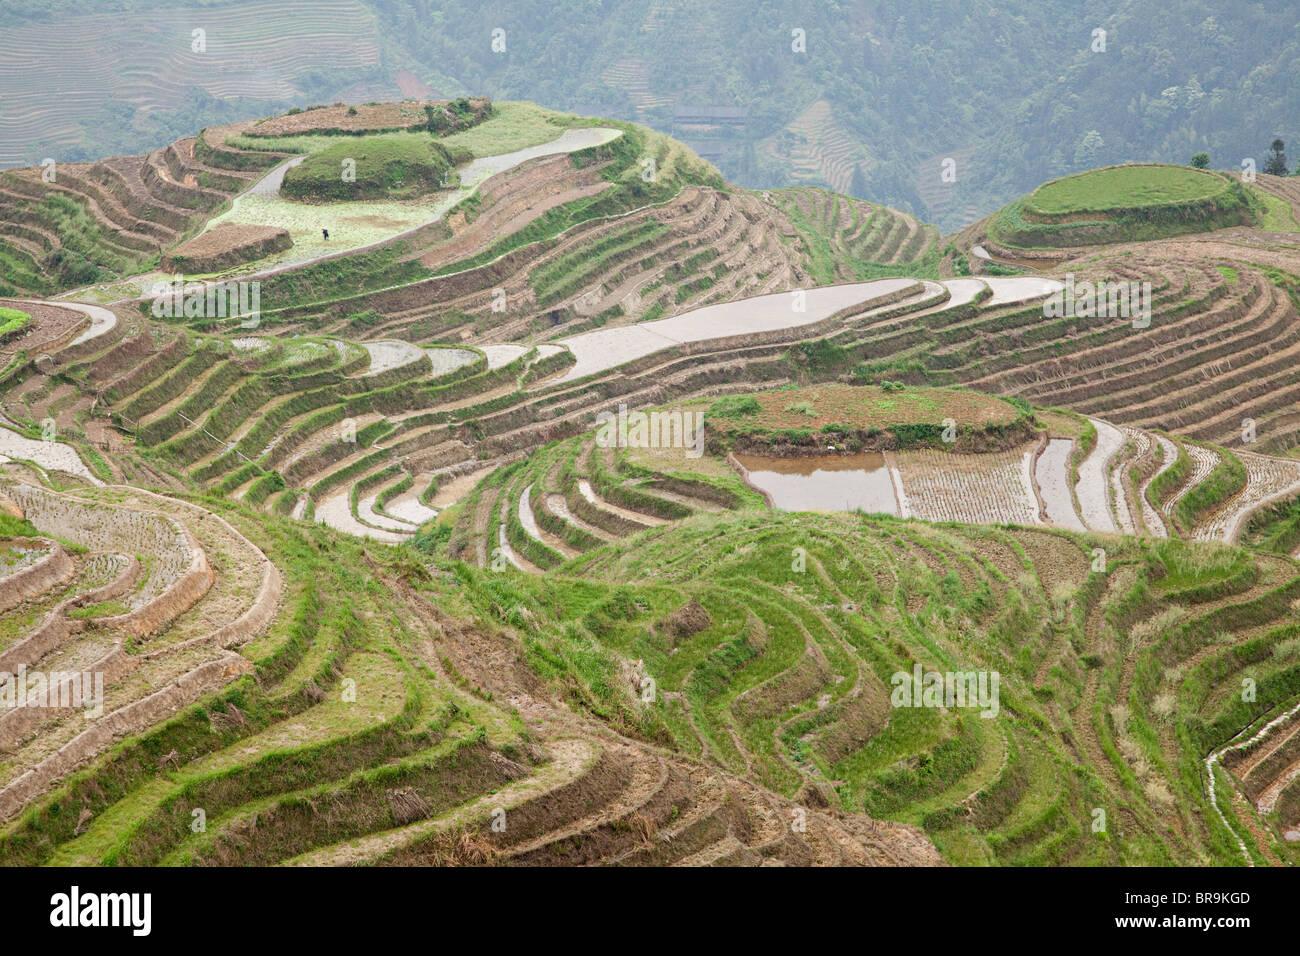 China, guangxi, longsheng, dragon's backbone rice terraces - Stock Image